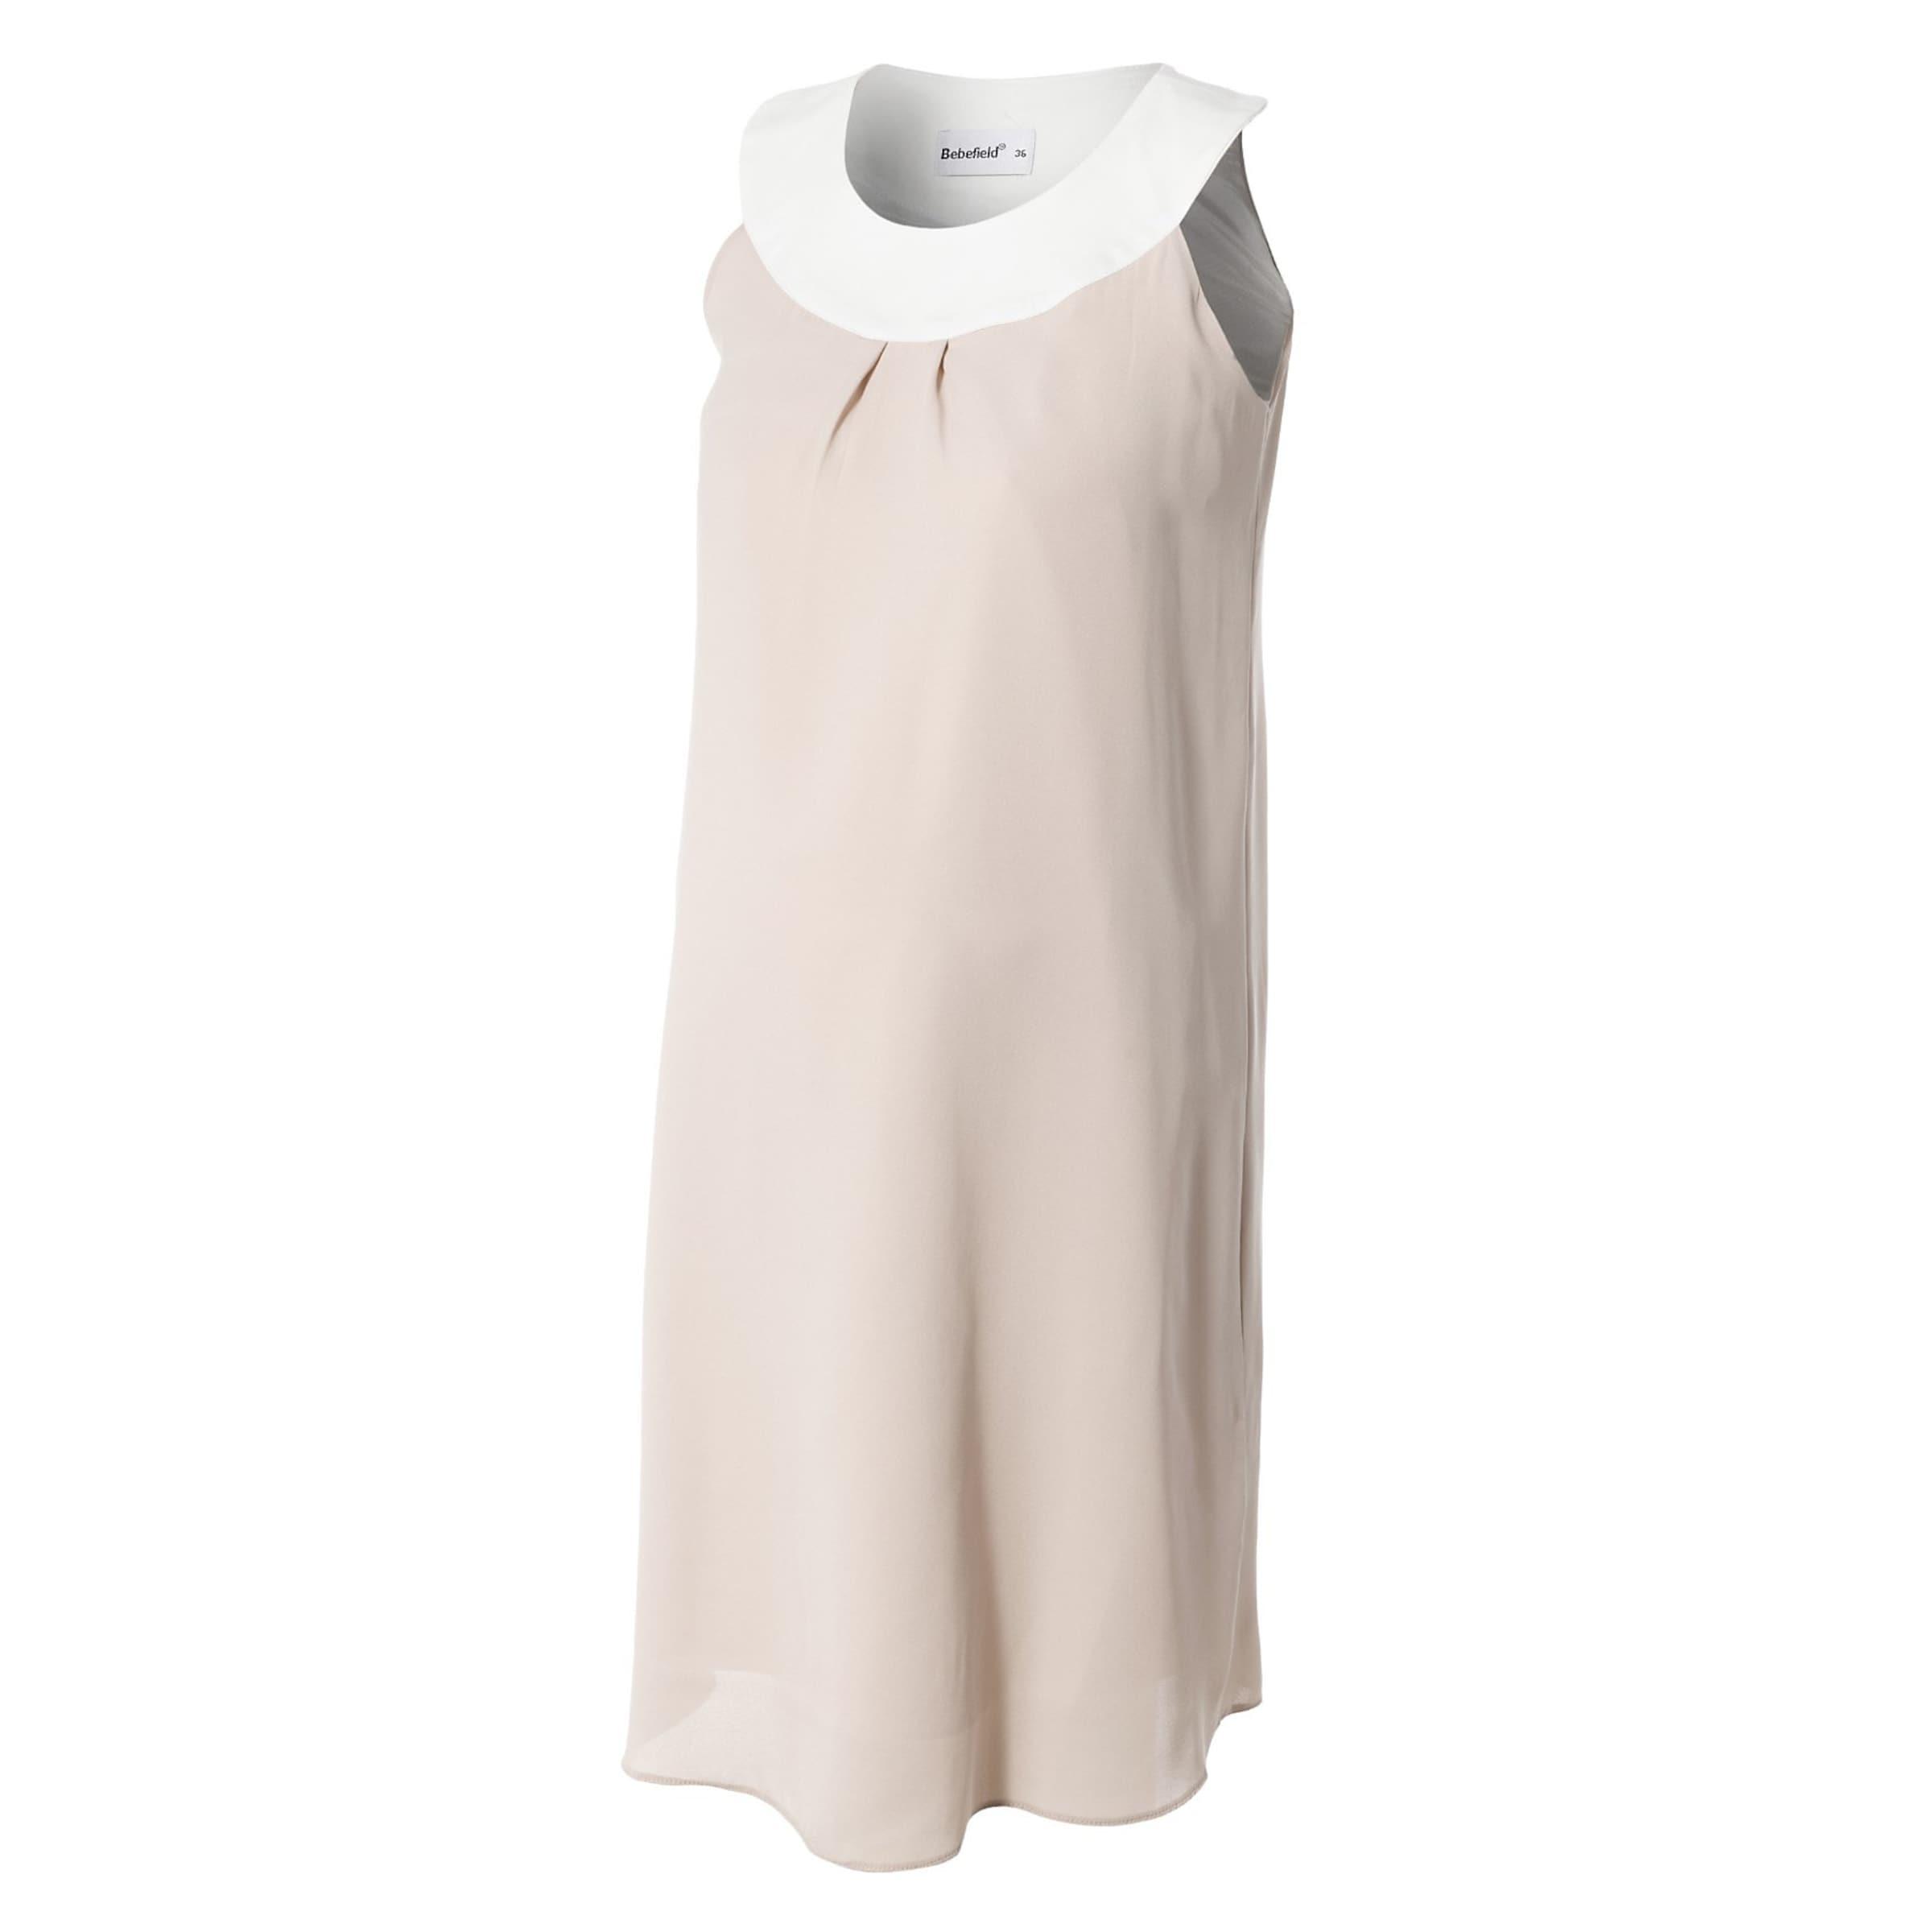 CamelWeiß Kleid In 'amelia' In 'amelia' Bebefield Bebefield Kleid gfv7ybI6Y